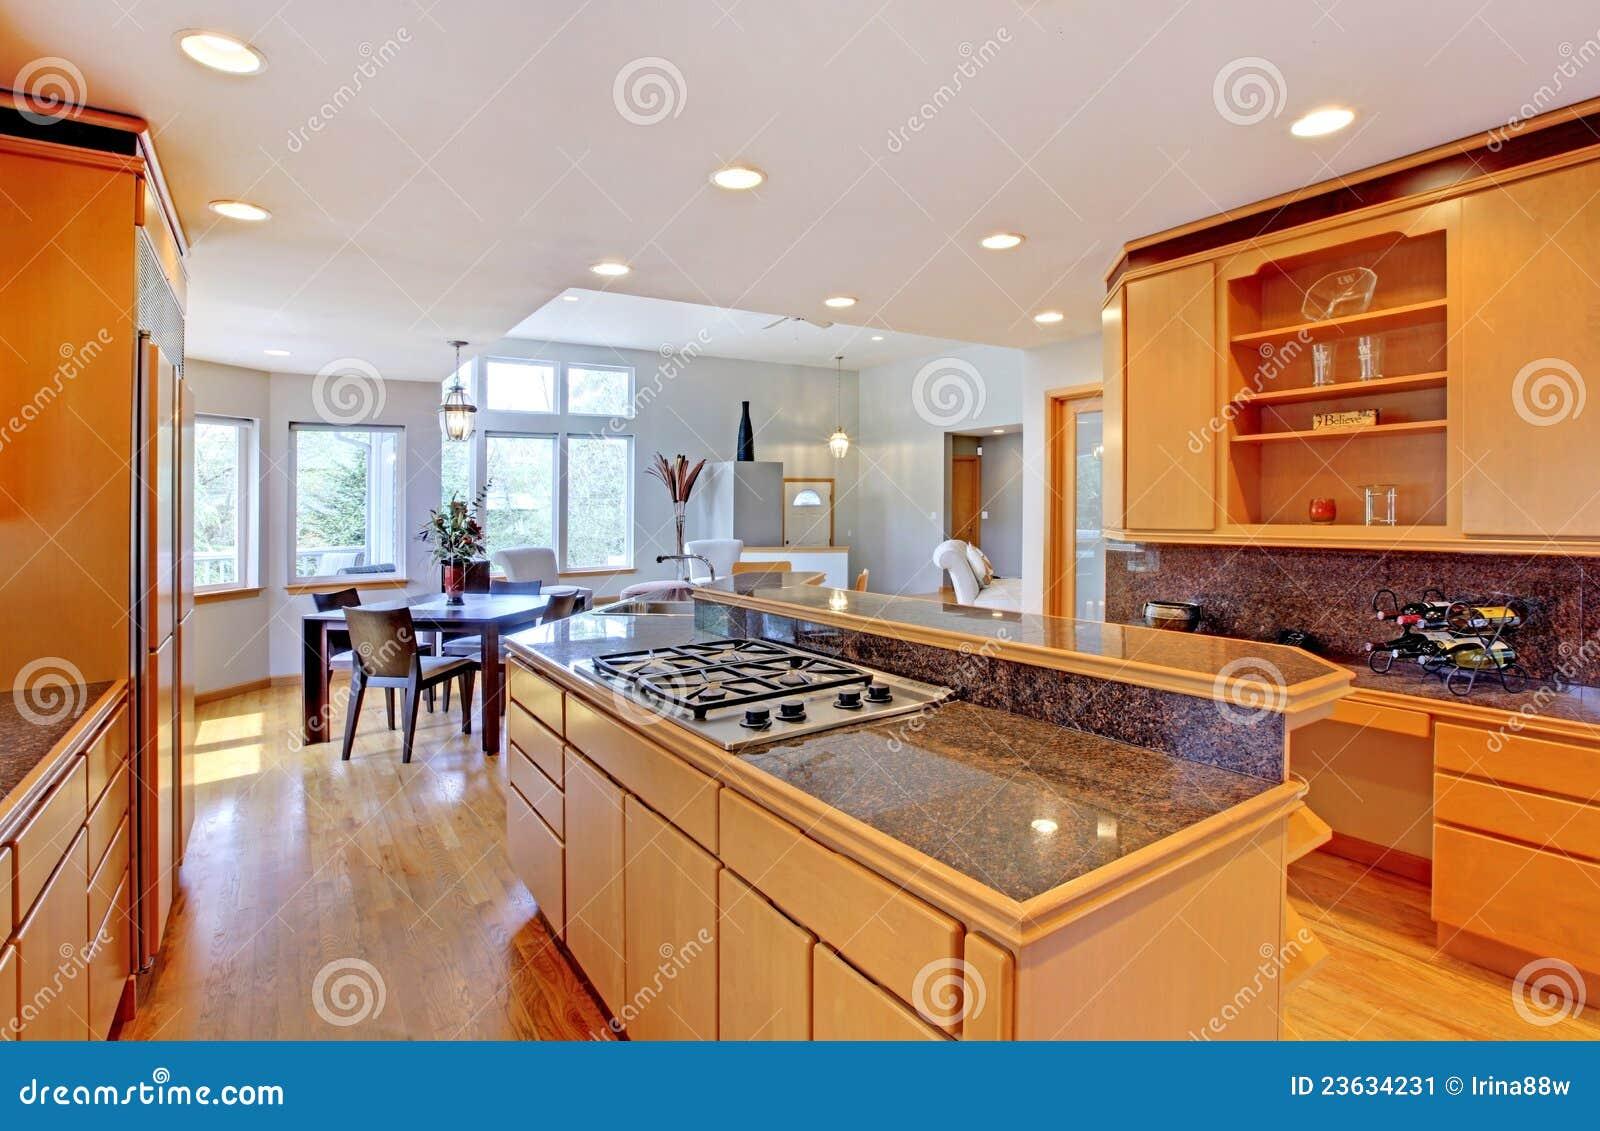 Cocina de madera moderna de lujo grande imagen de archivo - Cocina de madera moderna ...